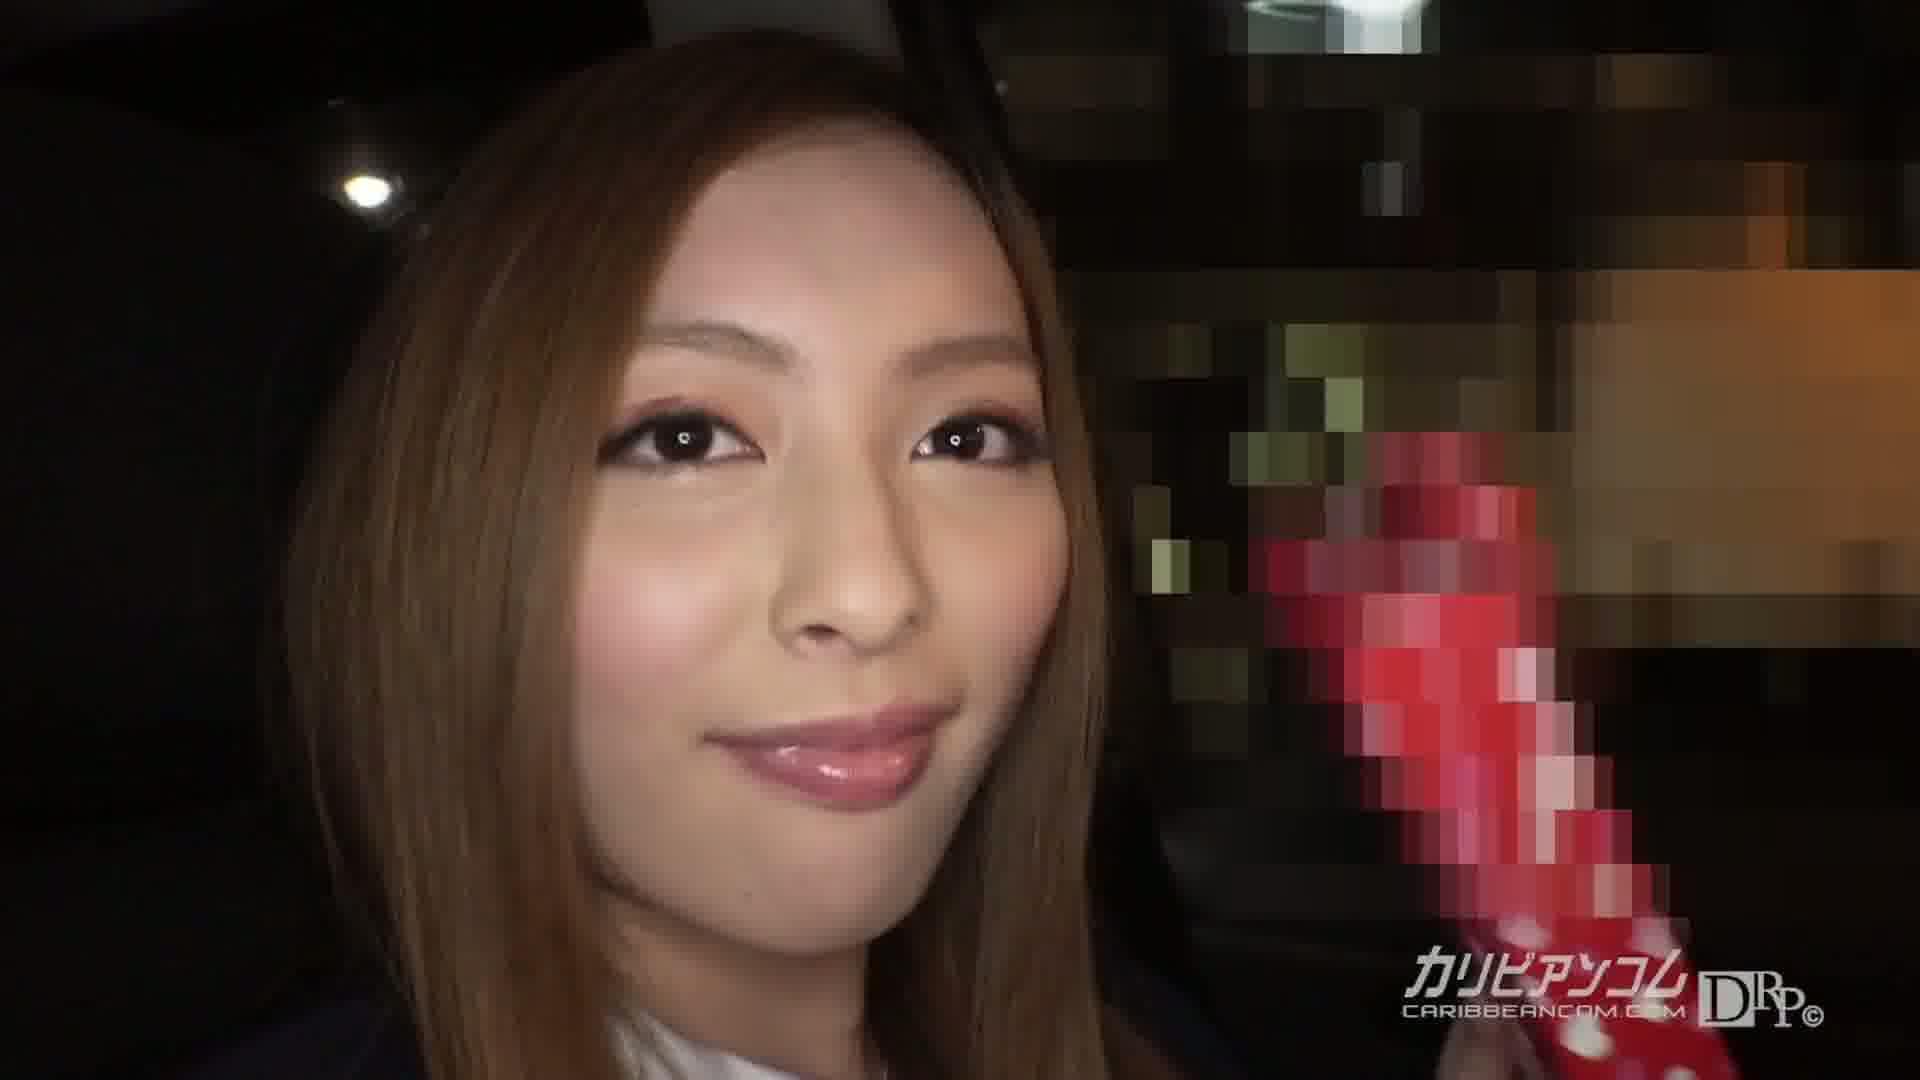 僕の彼女が咲乃柑菜だったら ~バレンタインは温泉デート~ - 咲乃柑菜【痴女・ギャル・中出し】